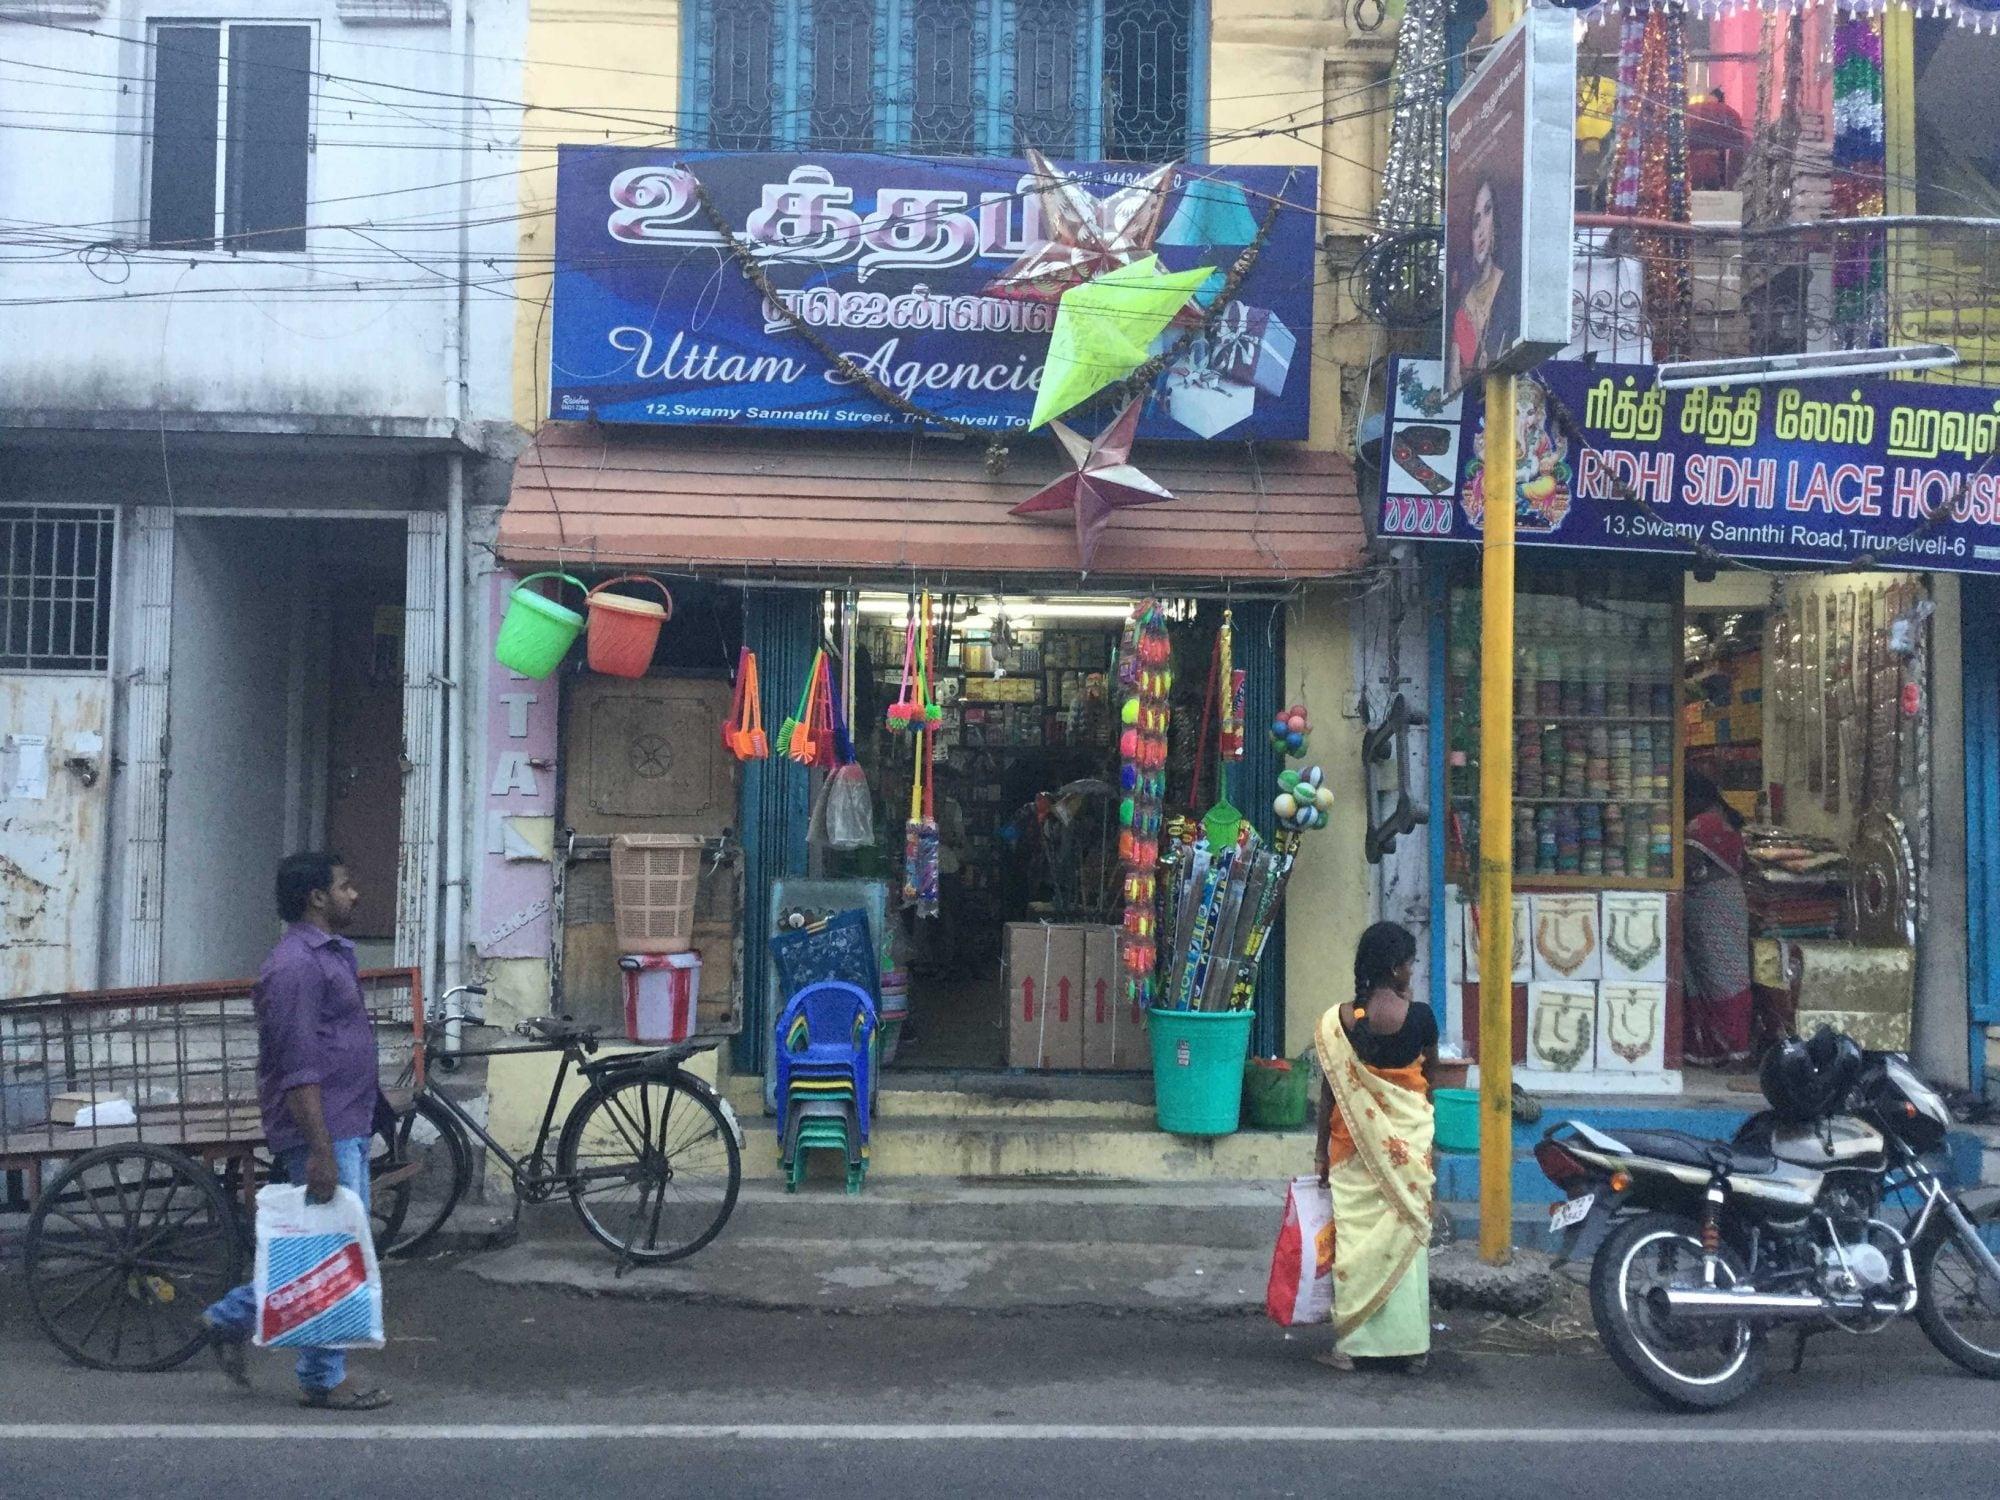 Top Gift Article Wholesalers in Tirunelveli - Best Gift Item